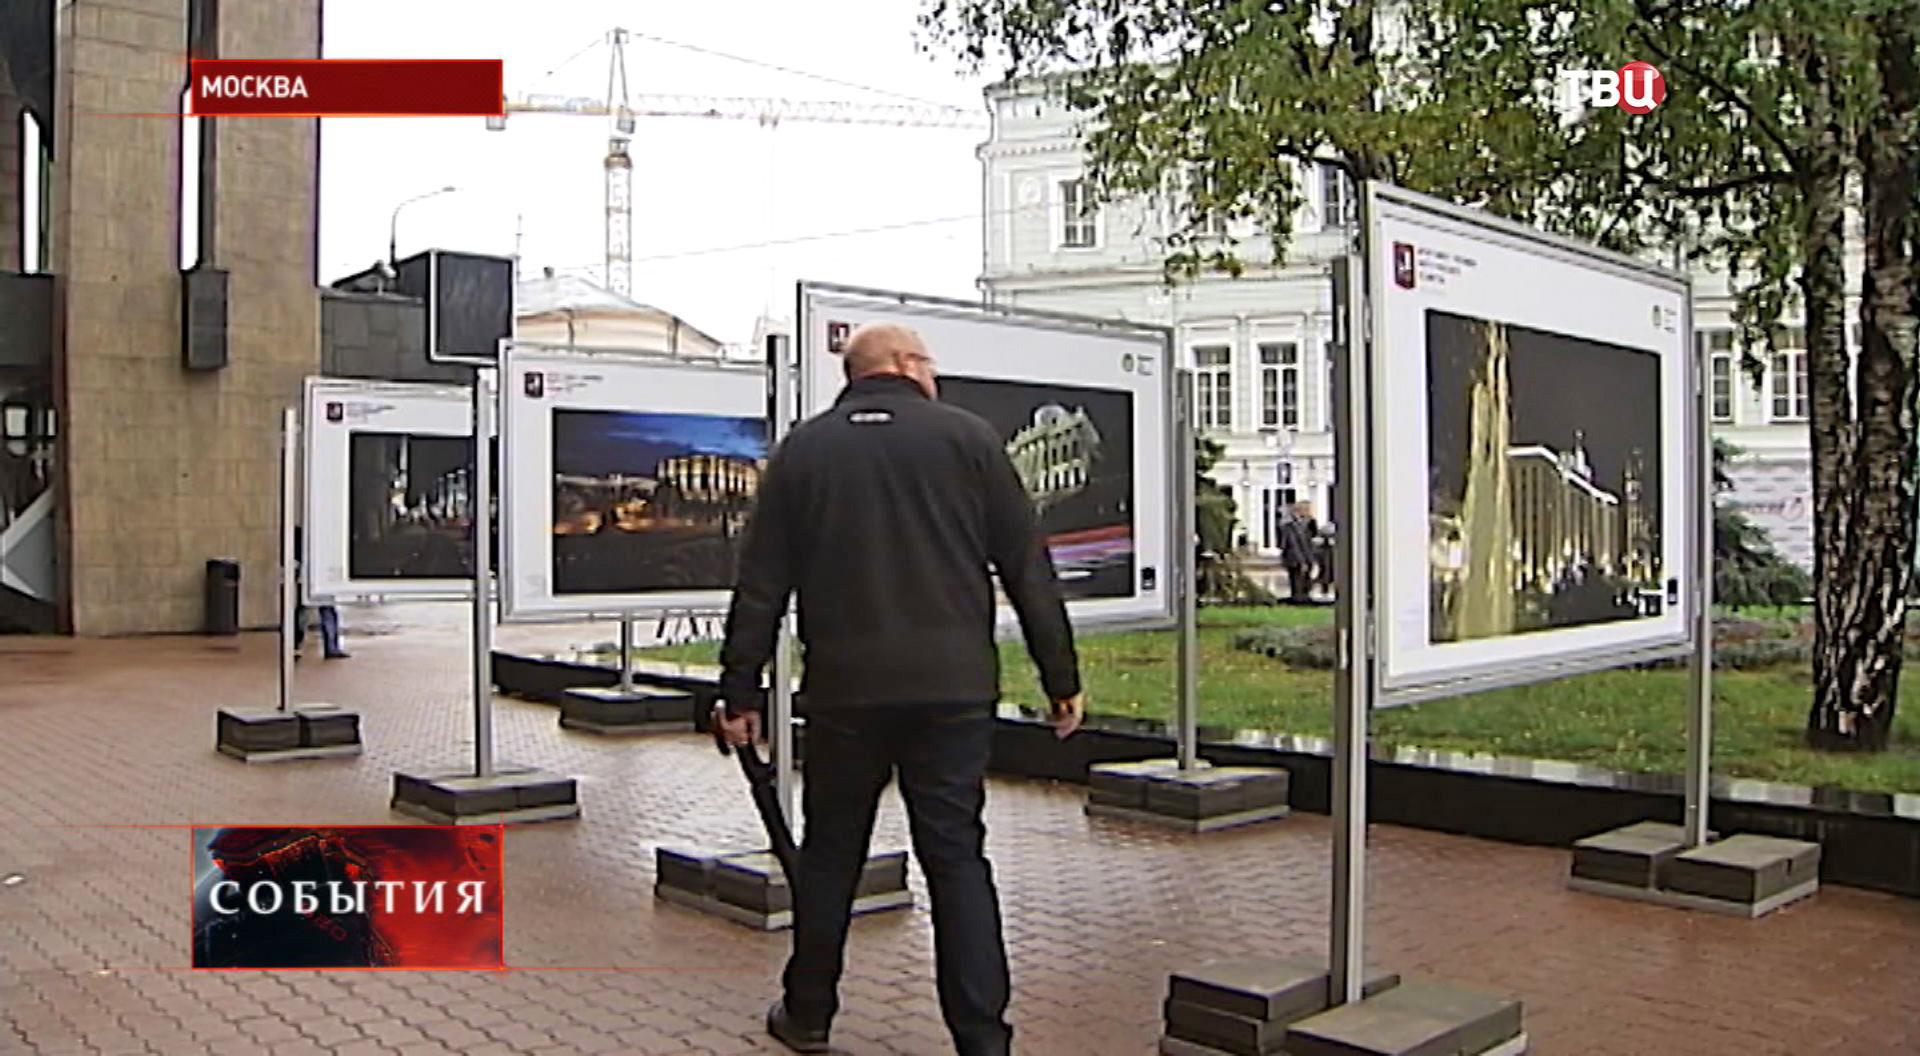 Выставка фотографий Москвы из космоса на Тверском бульваре